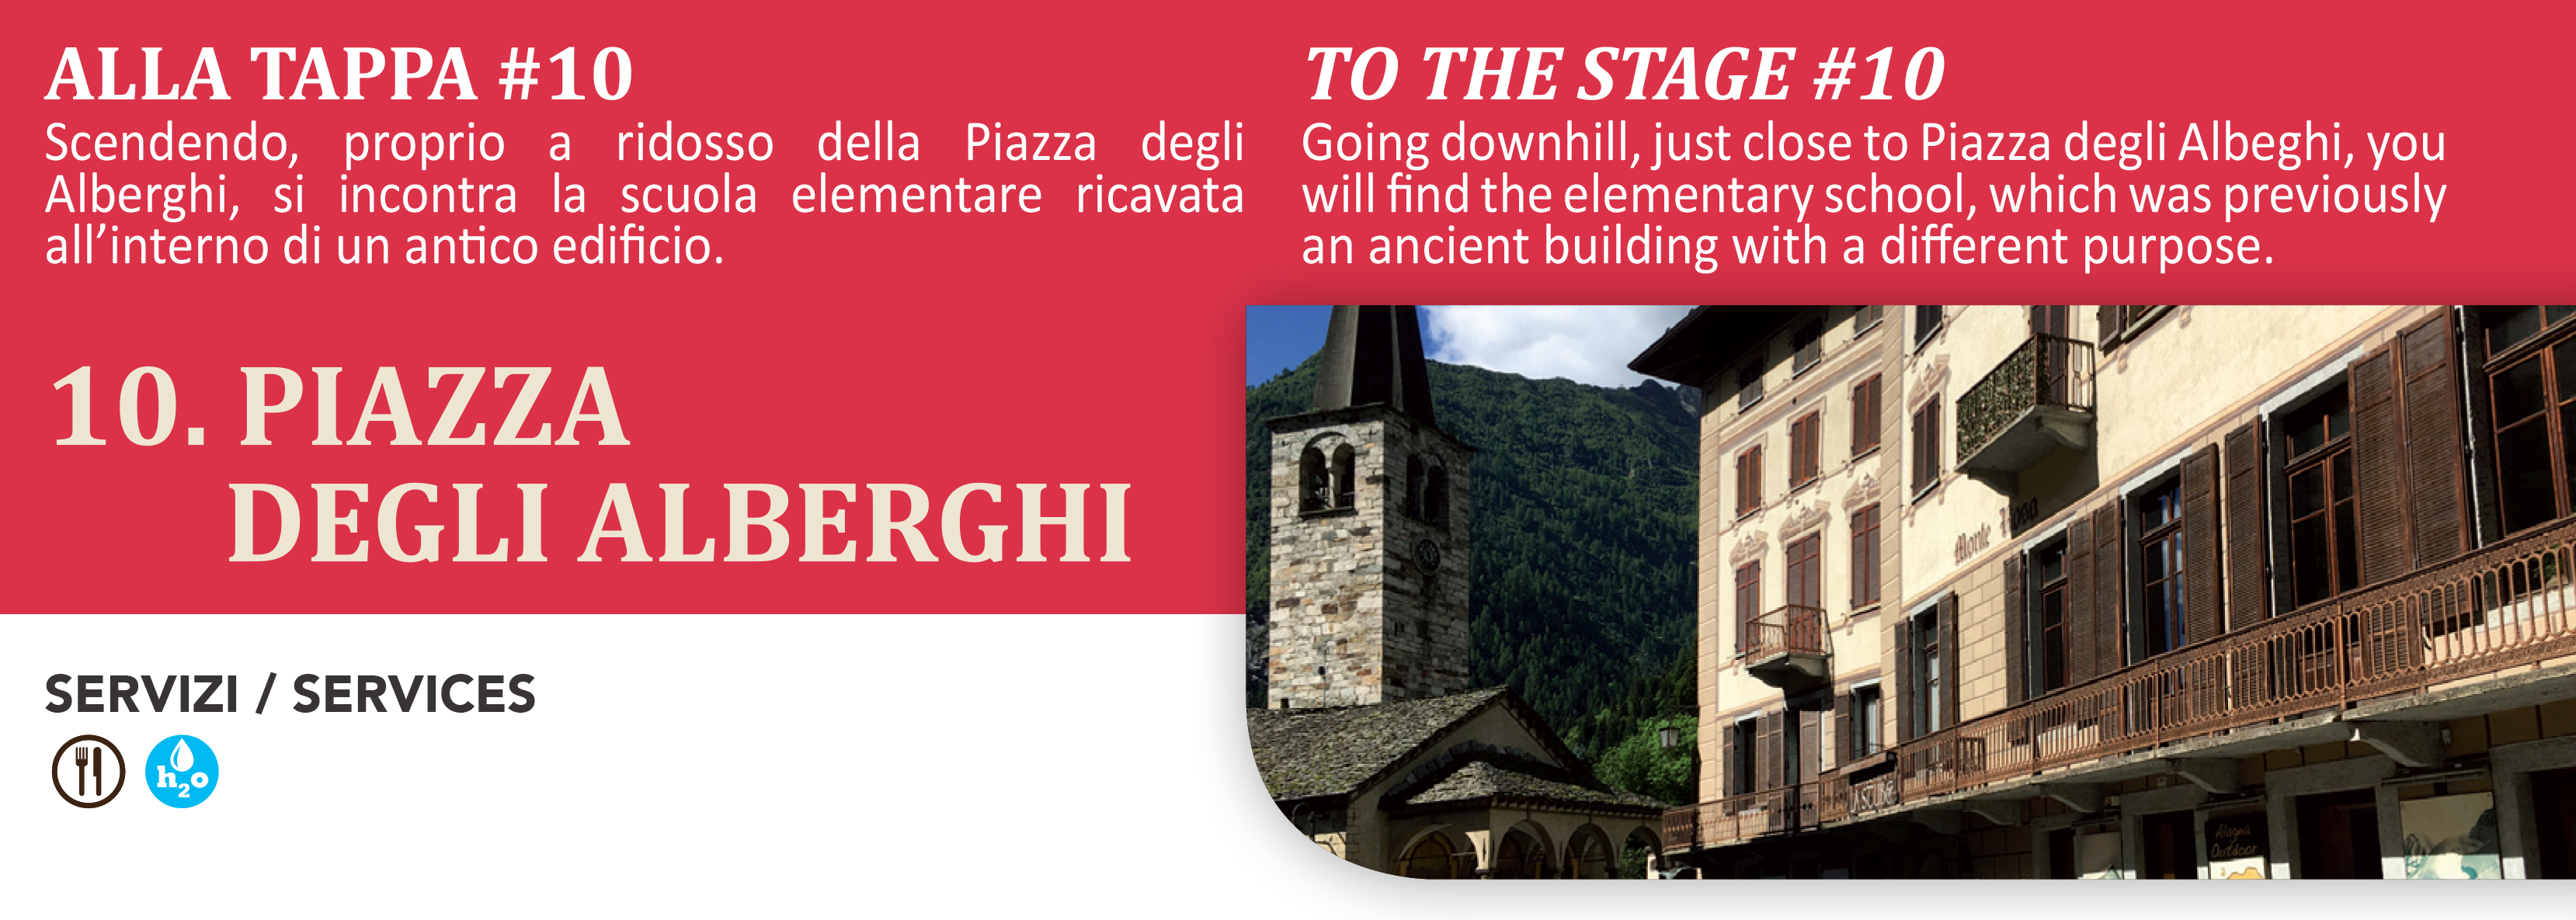 Piazza Alberghi frazione alta di Alagna Valsesia